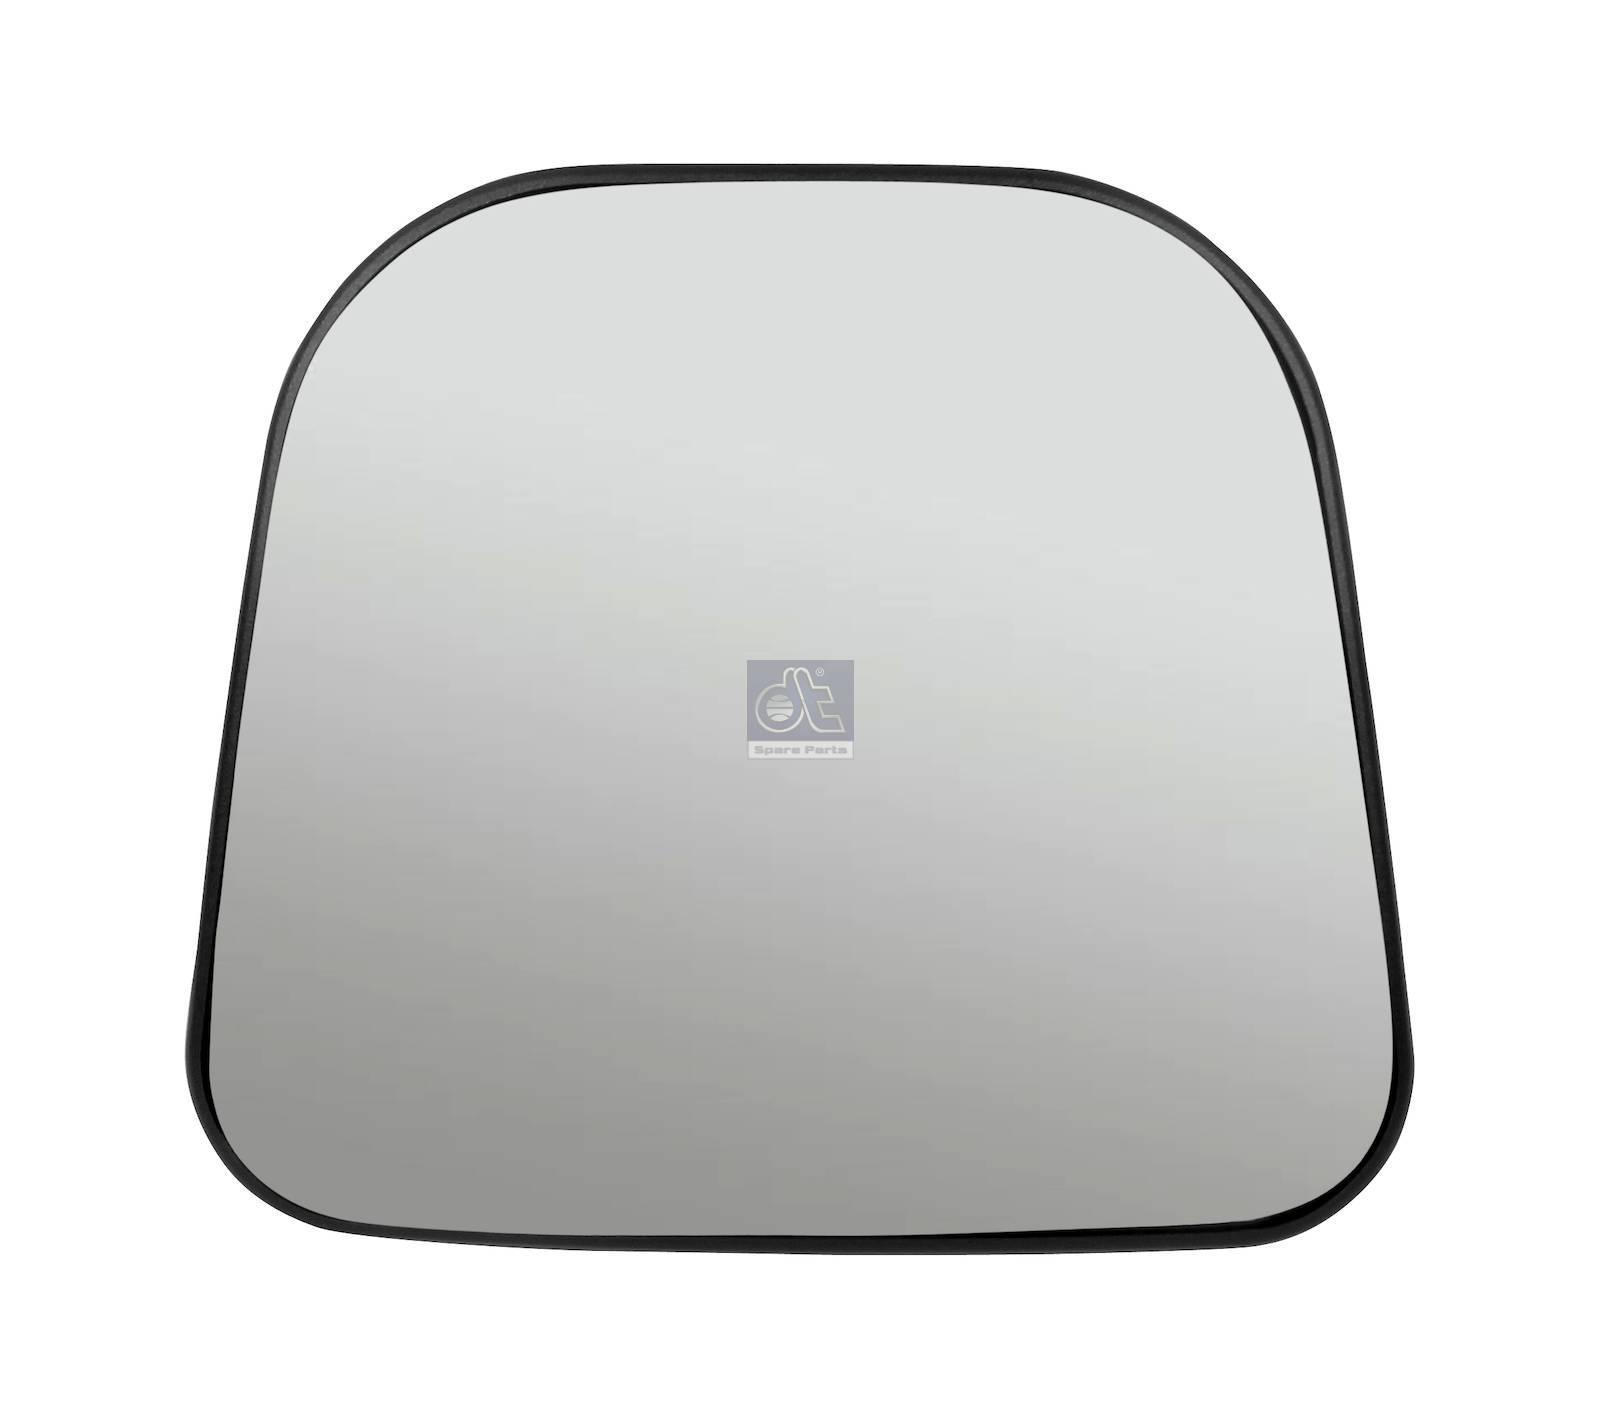 Spiegelglas, Weitwinkelspiegel, beheizt